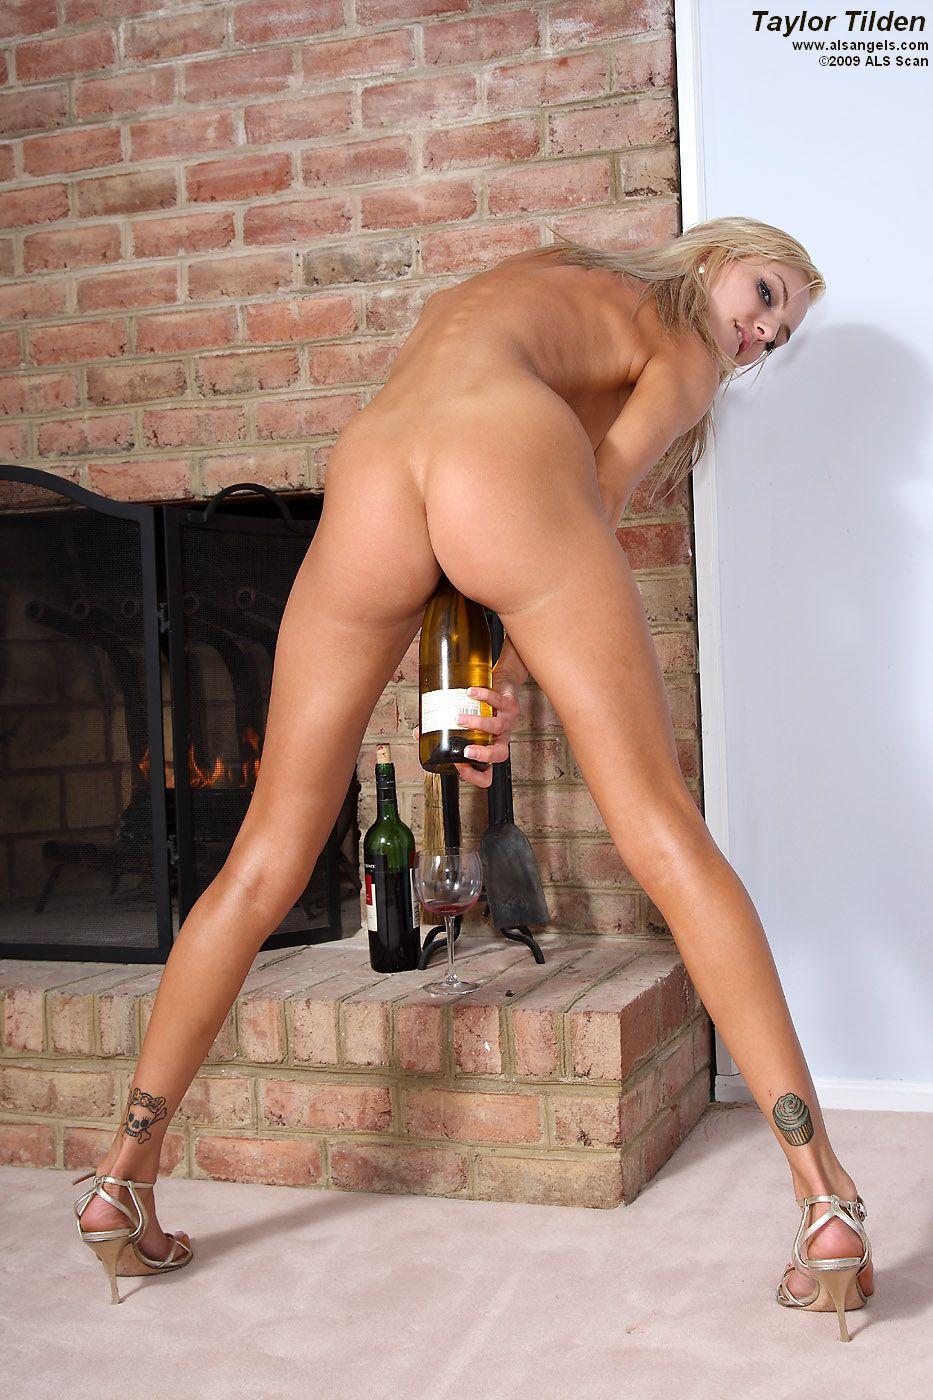 Раздетая блестящая блондиночка Taylor Tilden сует винную бутылку в свою лысую молоденькую киску